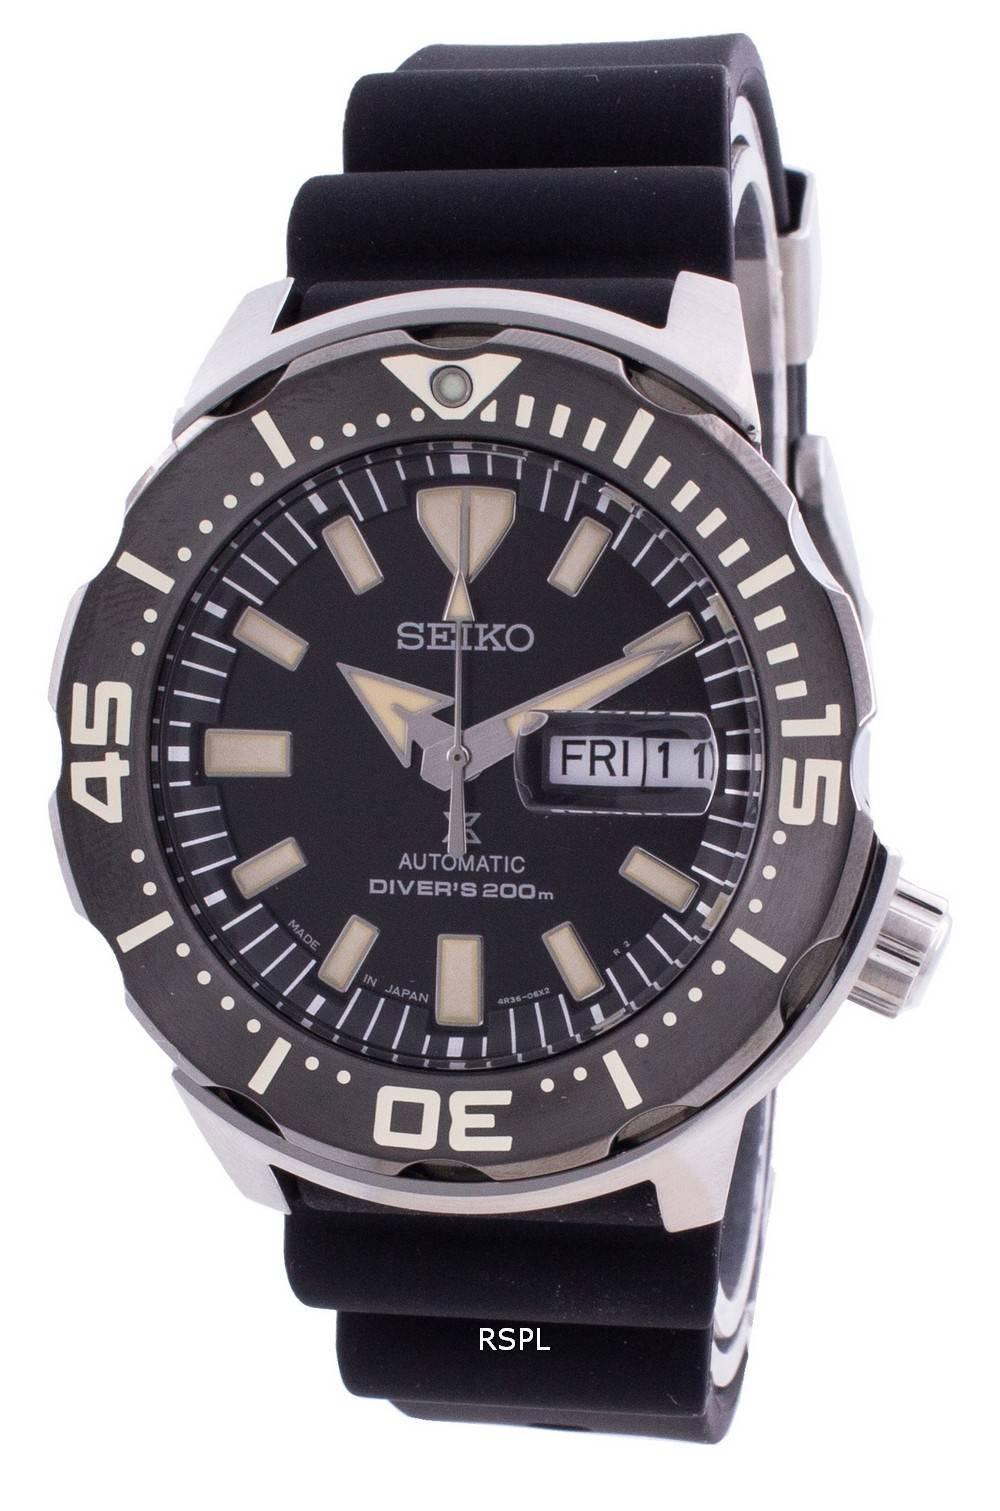 Seiko Prospex Automatic Diver's SRPD27 SRPD27J1 SRPD27J 200M Men's Watch